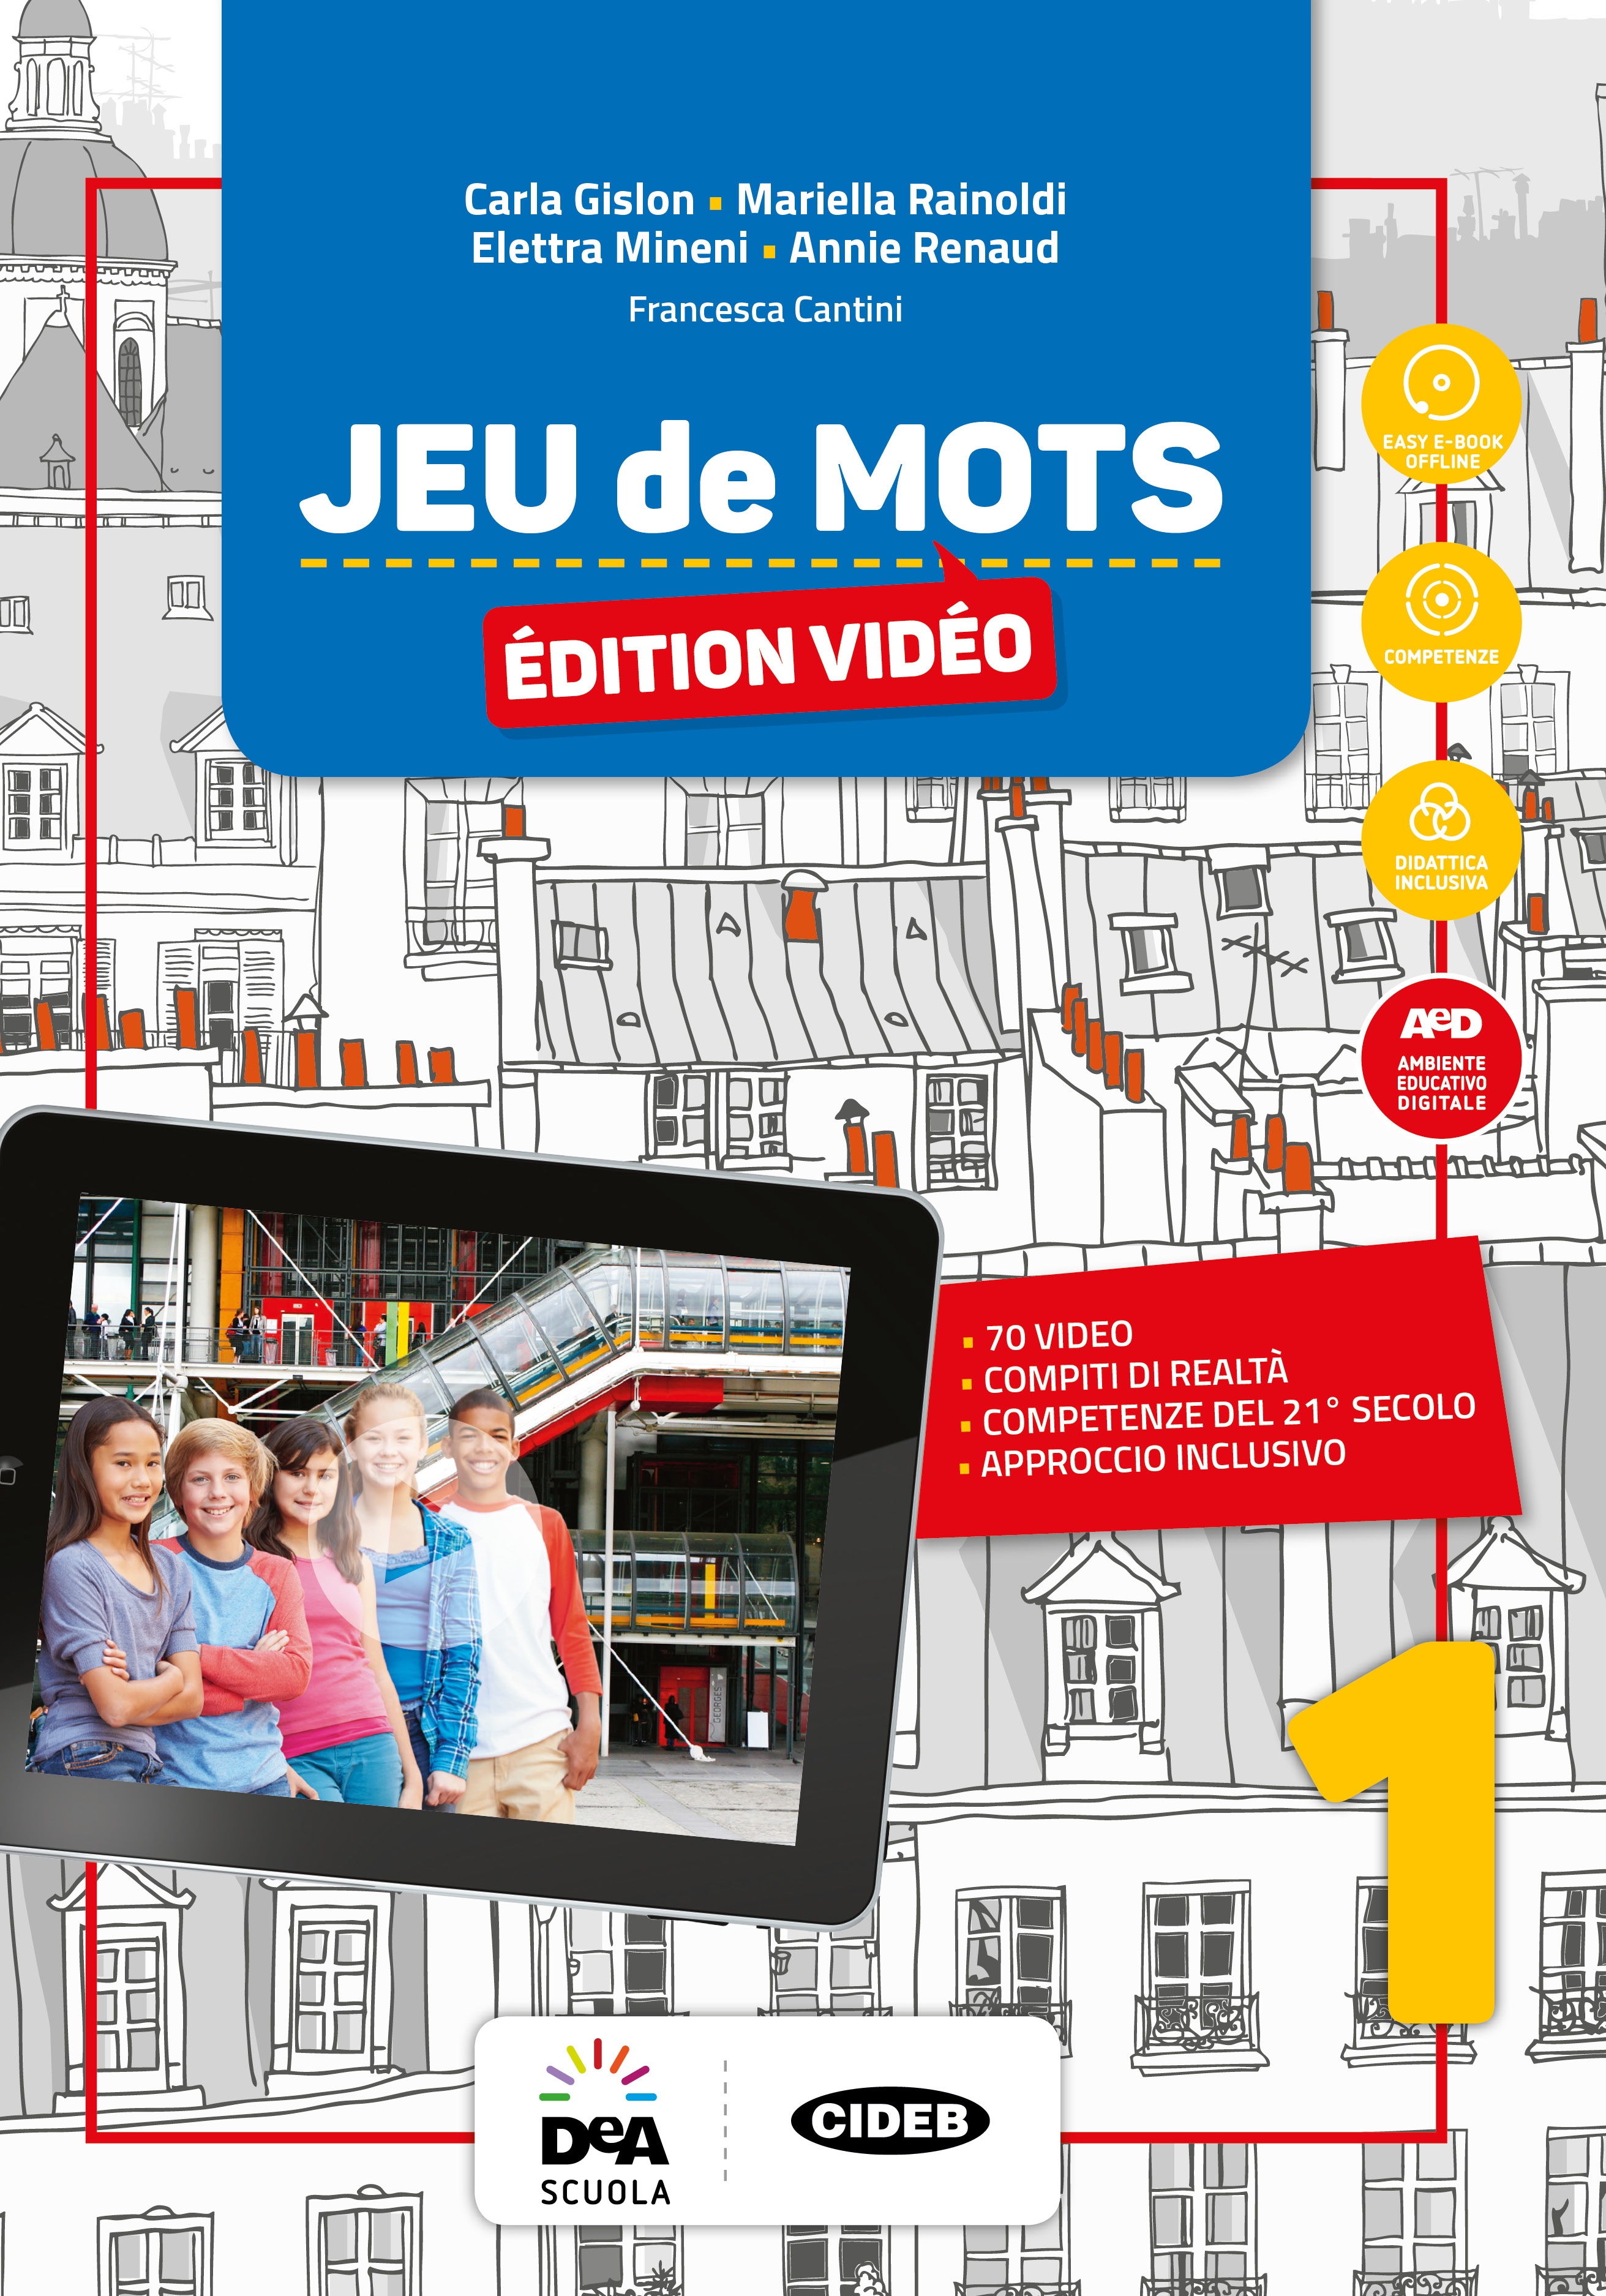 SCARICARE JEU DE MOTS 1